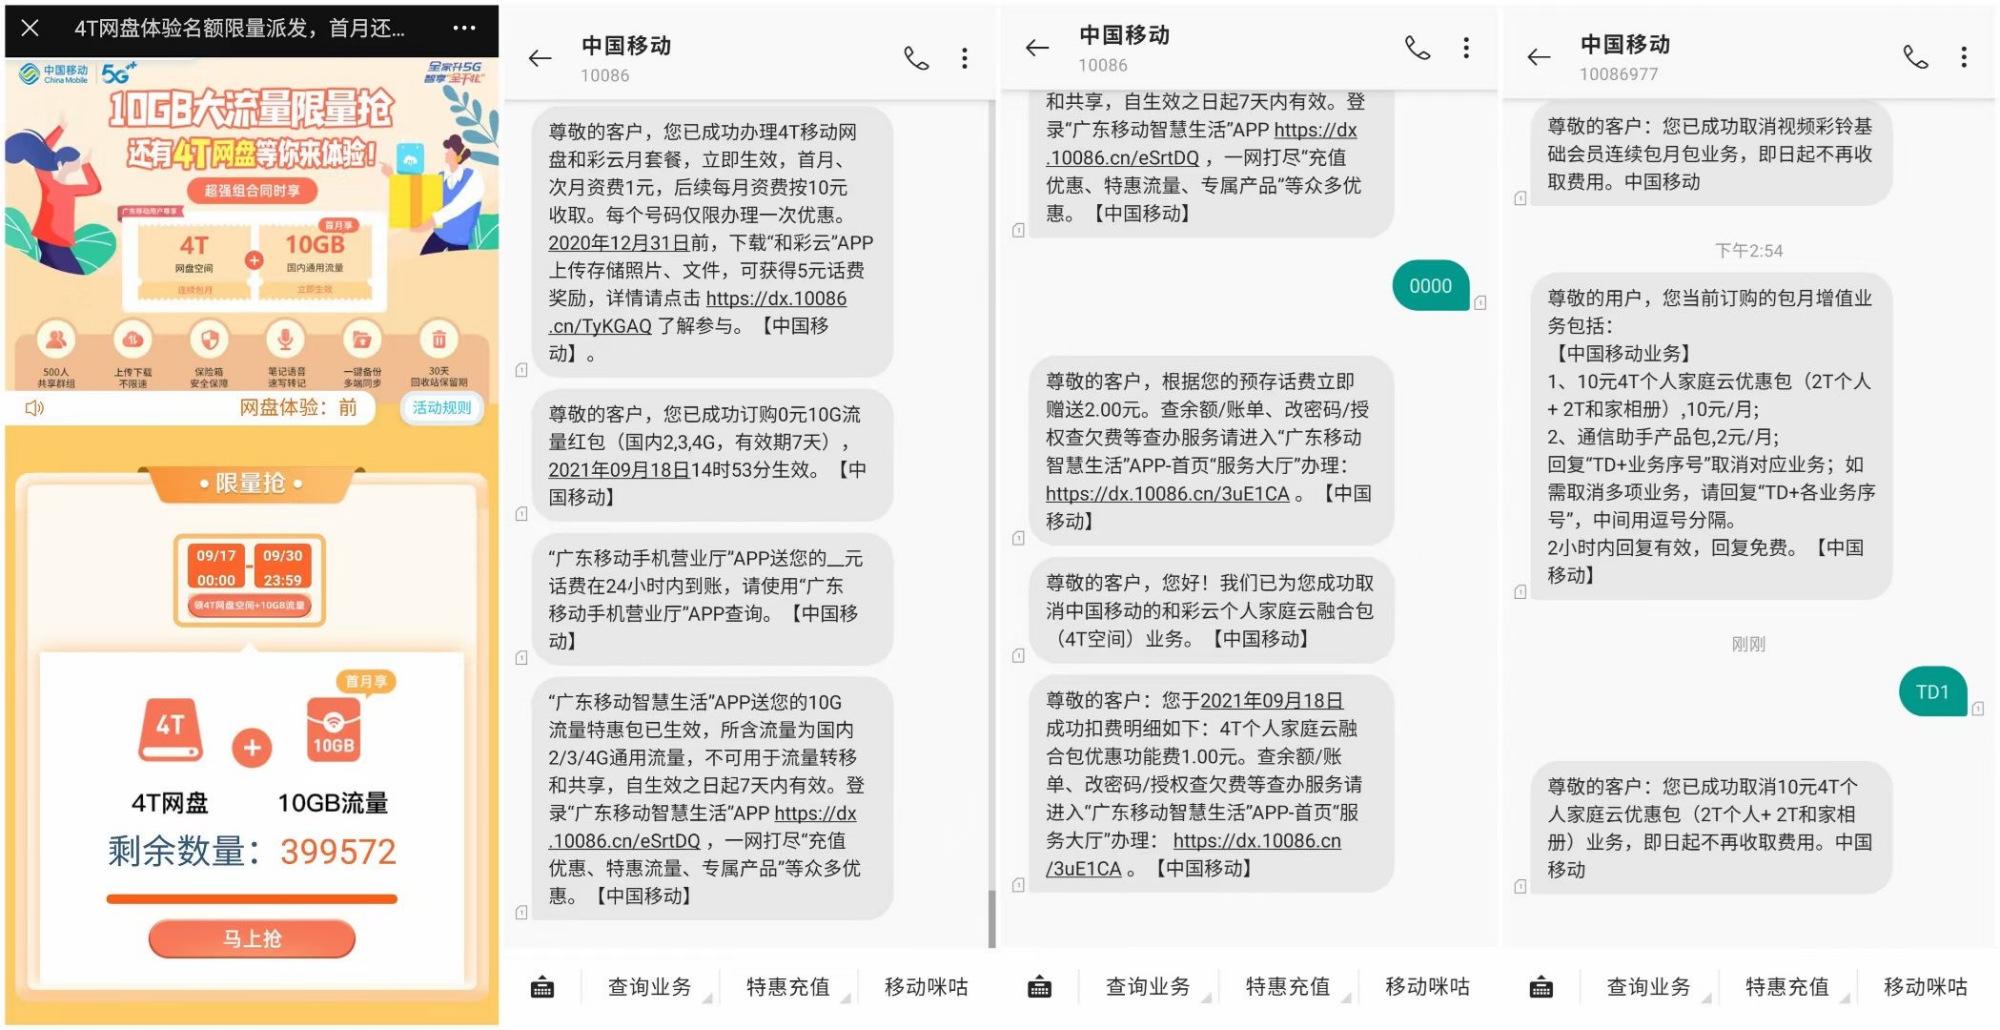 广东移动赚1元话费+10G流量